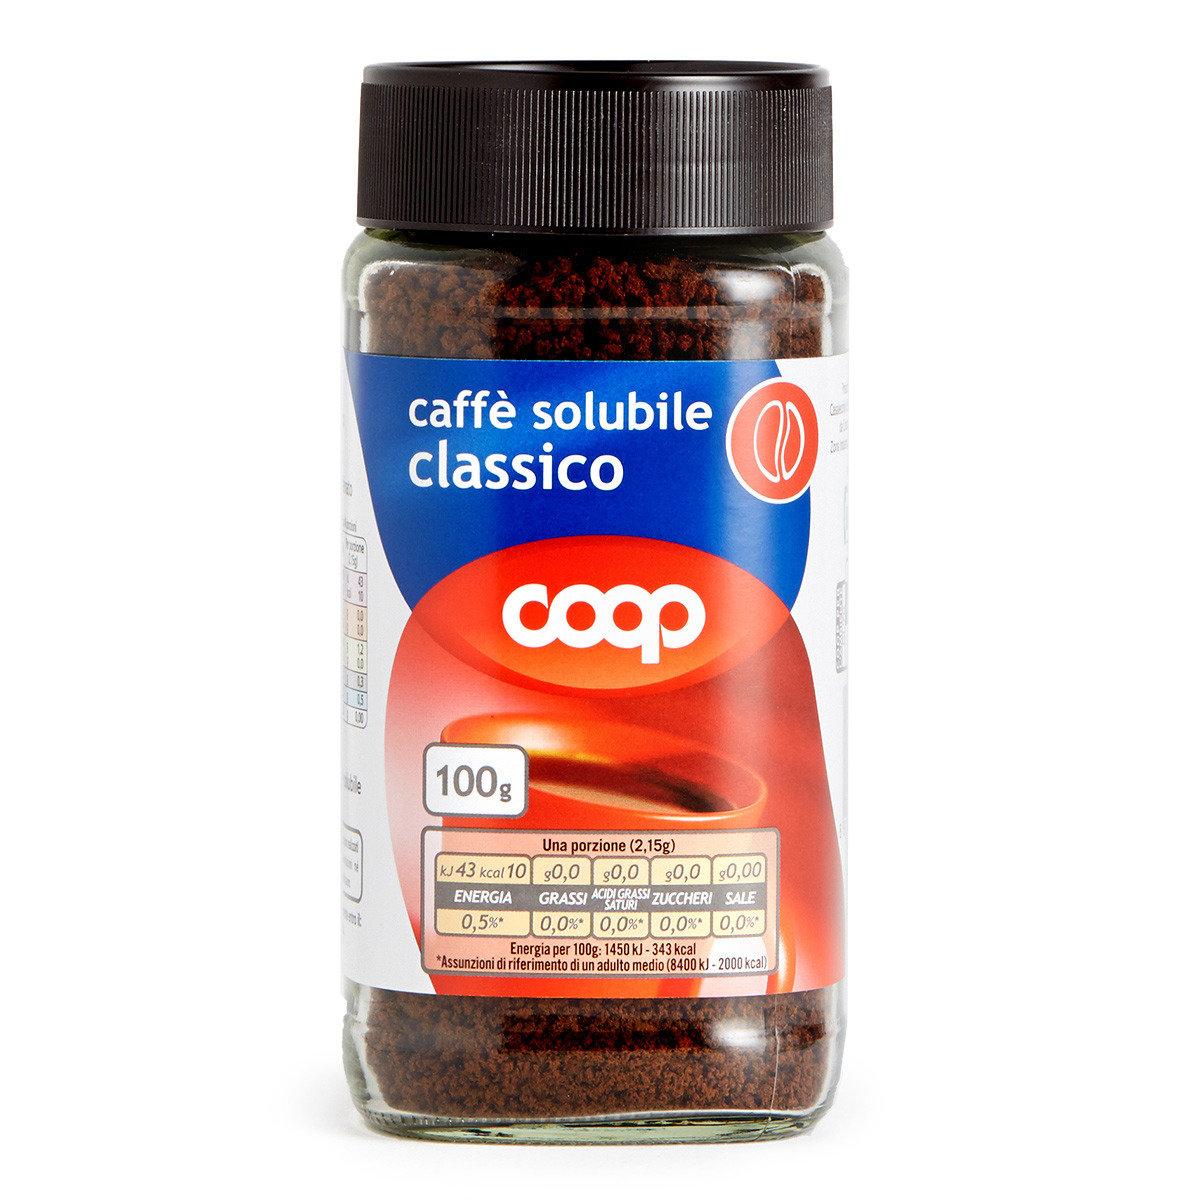 即溶經典咖啡